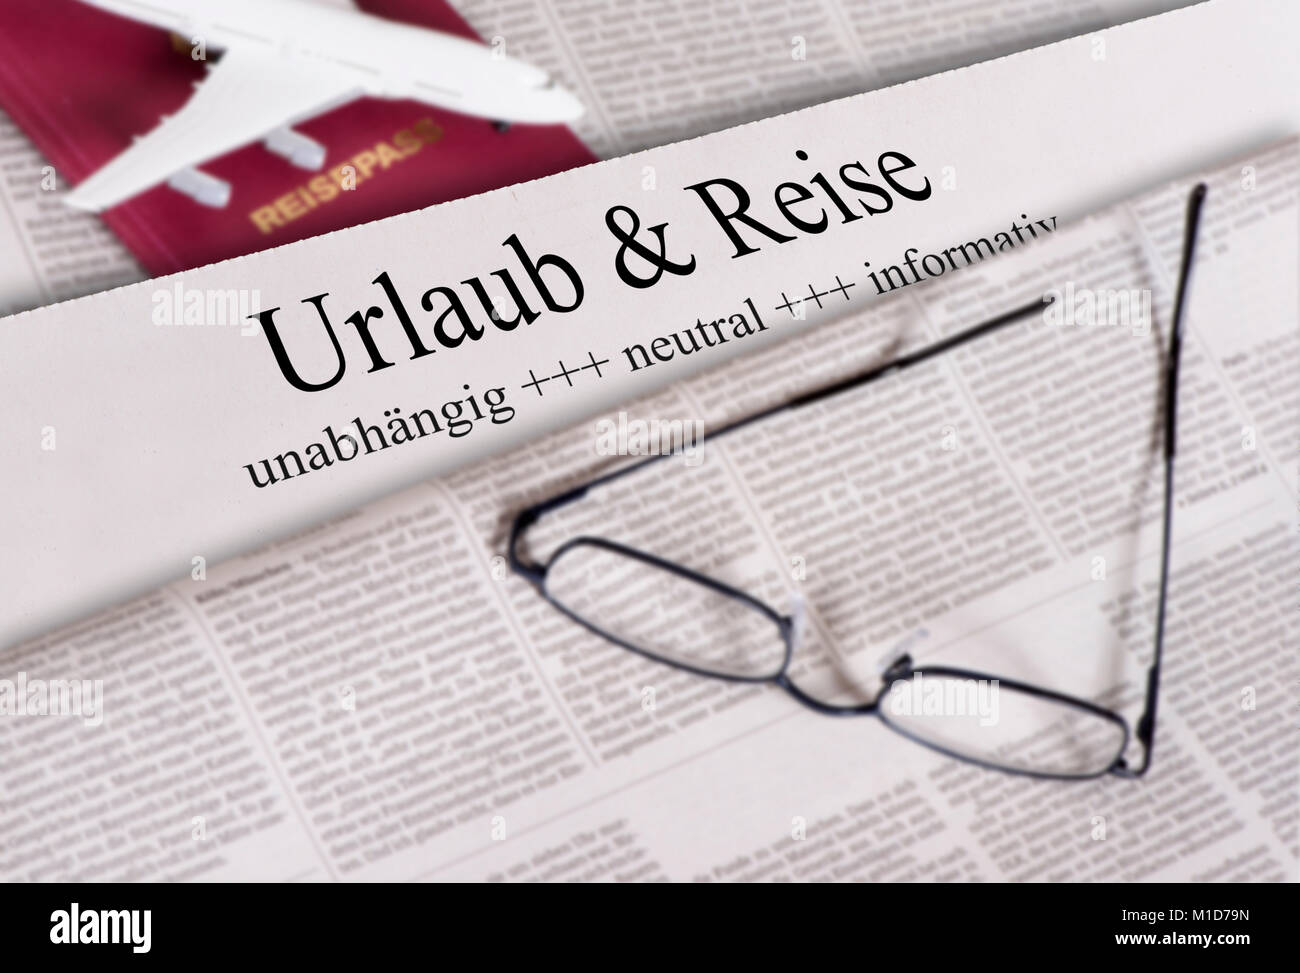 Tageszeitung mit Überschrift Urlaub & Reise - Stock Image